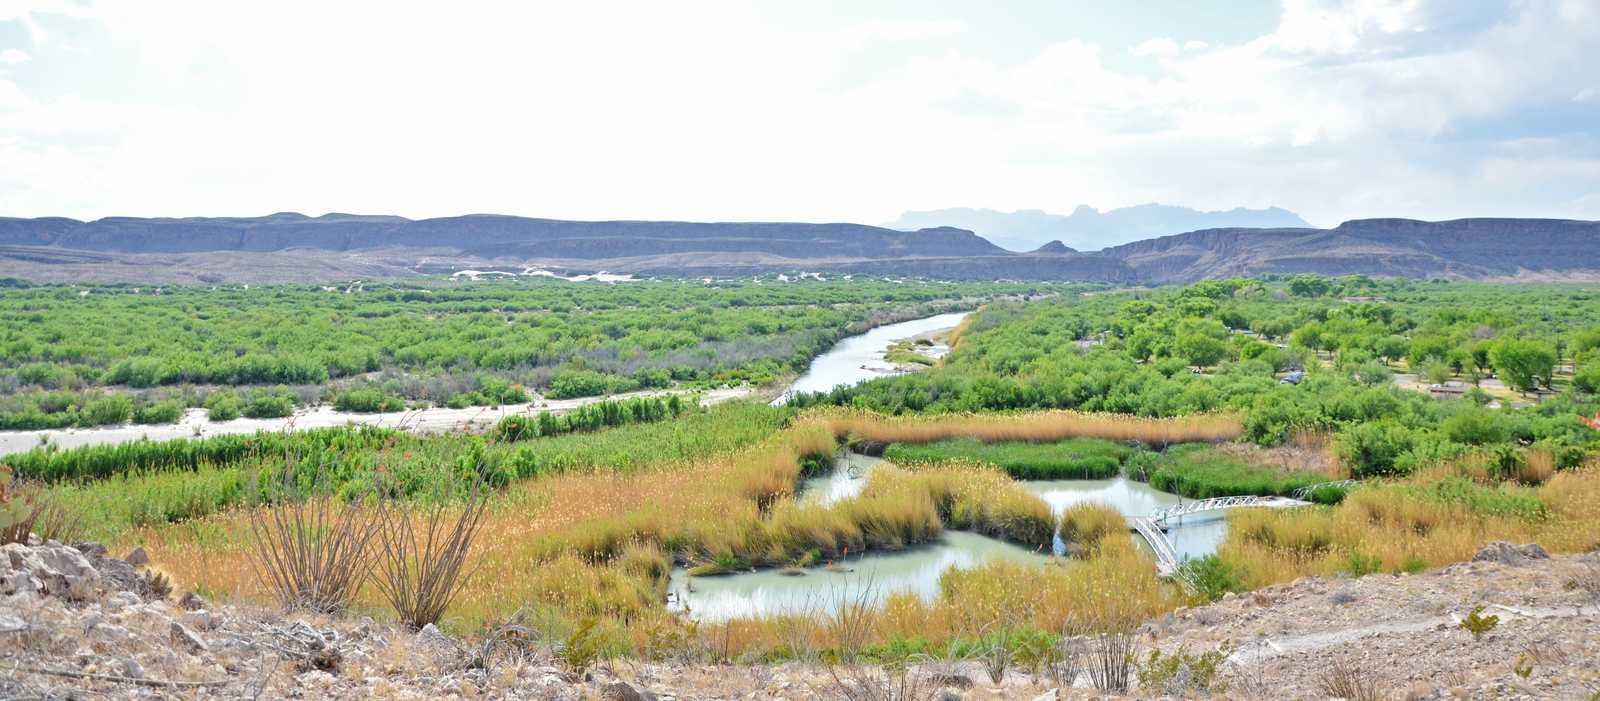 Big Bend National Park